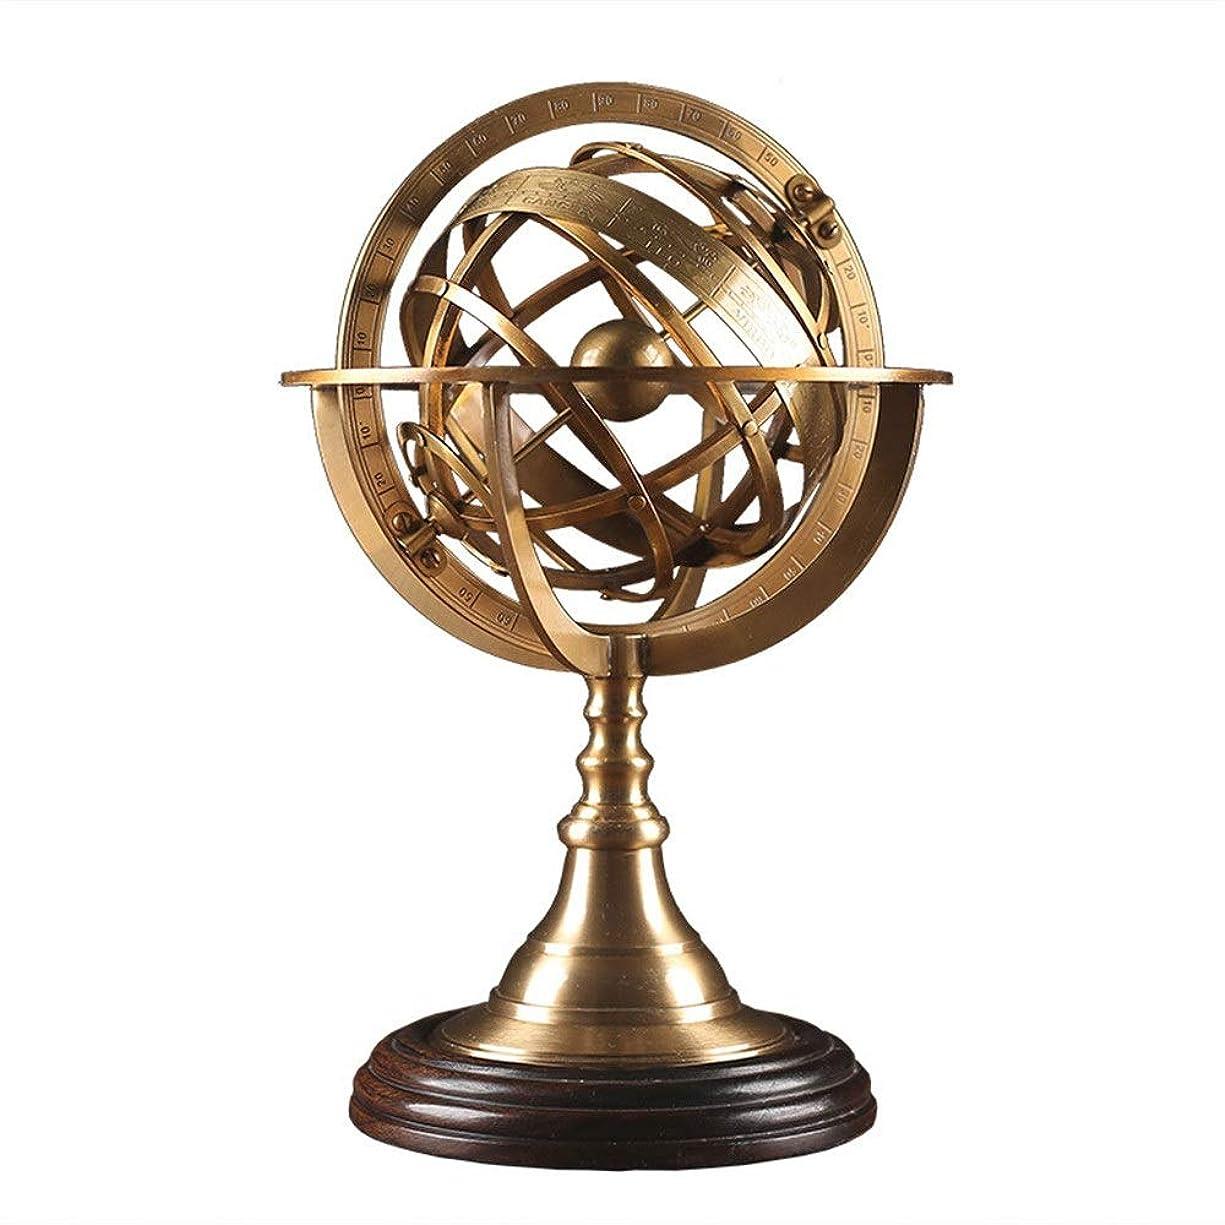 手段回転する伝統的世界の地球儀 装飾品レトロノスタルジッククリエイティブラグジュアリー純銅装飾工芸デスクトップグローブ星座地球儀の世界 知育玩具 (Color : Brass, Size : 19x29cm)